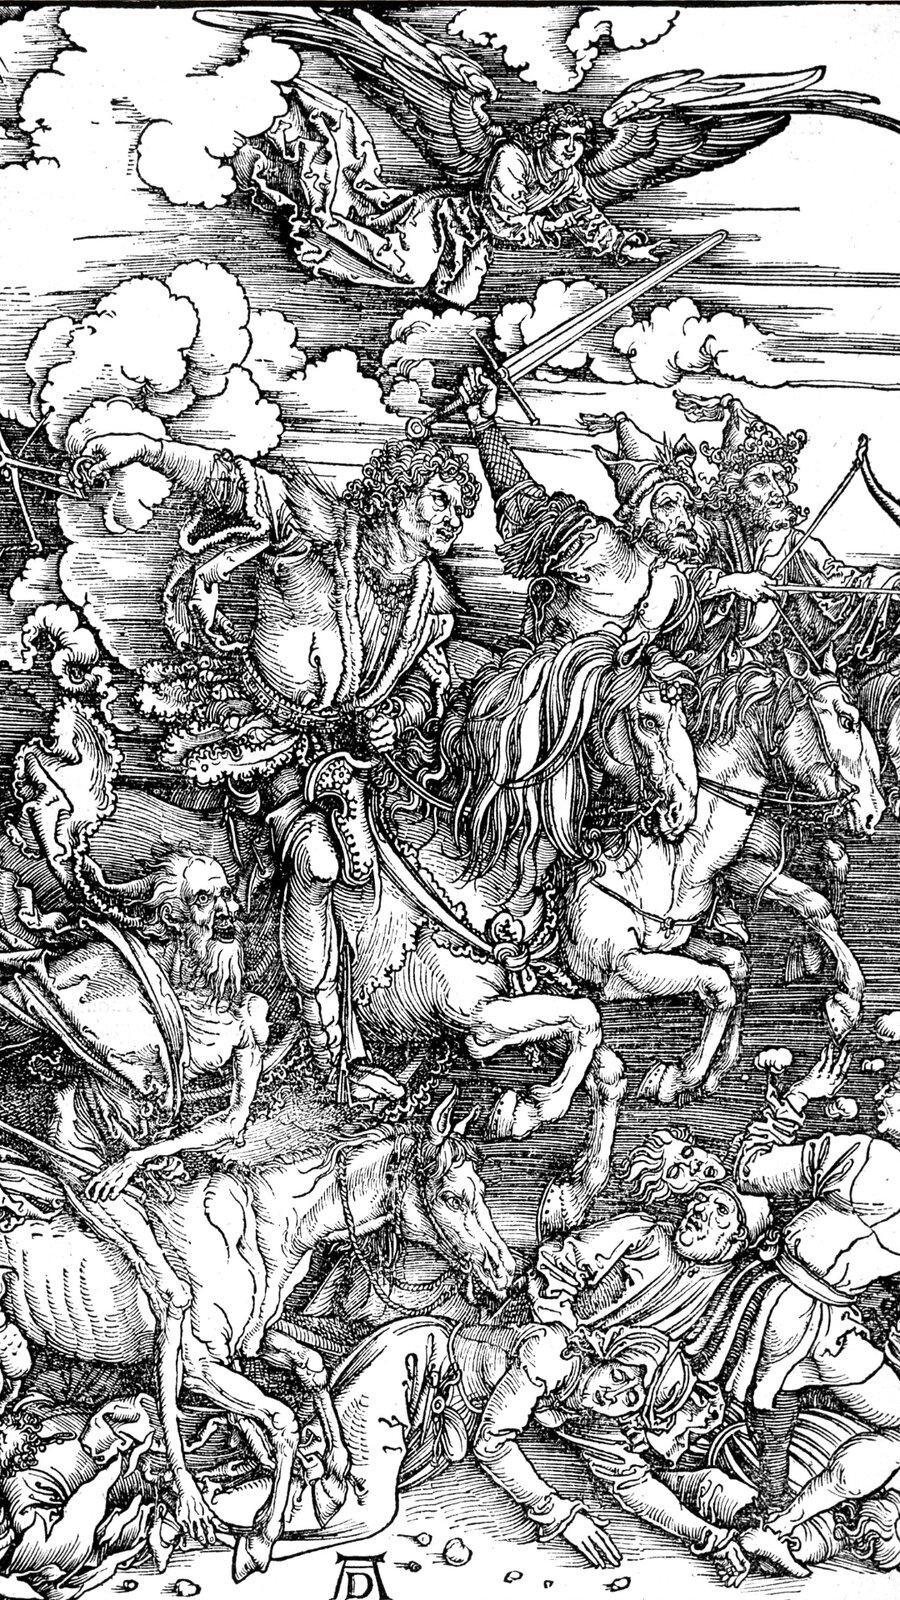 """Czarno-biała ilustracja pt. """"Jeźdźcy Apokalipsy"""" przestawia czterech jeźdźców jadących na koniach. Widać staranowanych przez zwierzęta ludzi. Nad całą sceną unosi się anioł."""